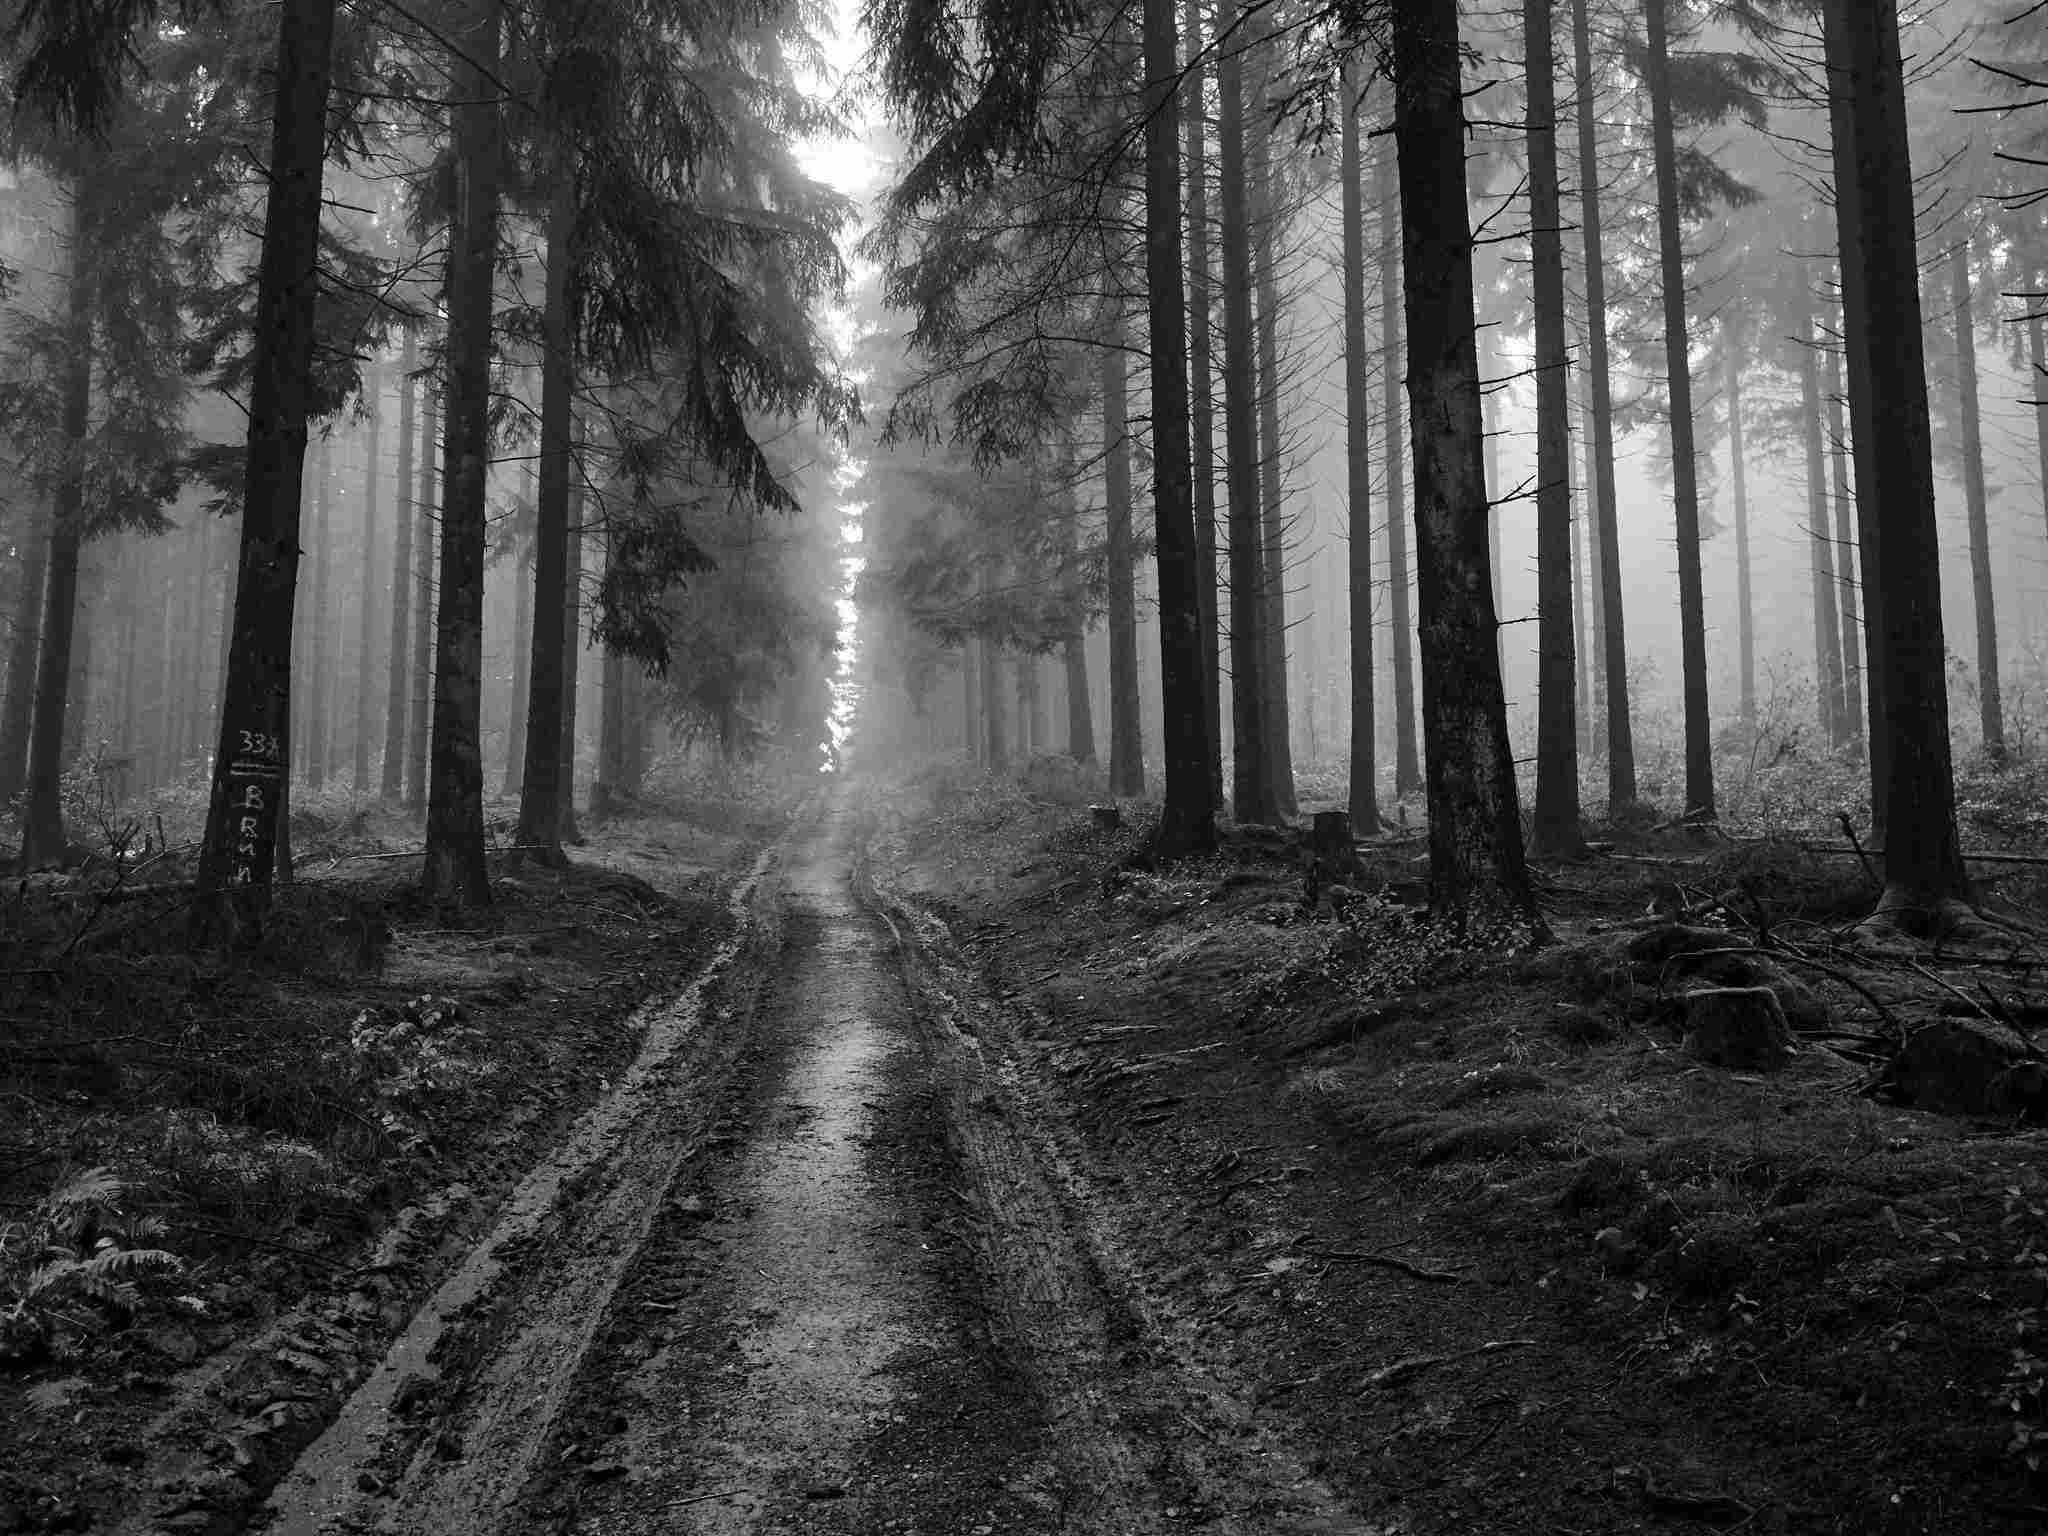 عکس زیبای دیدنی از منظره شیک رو به جنگل